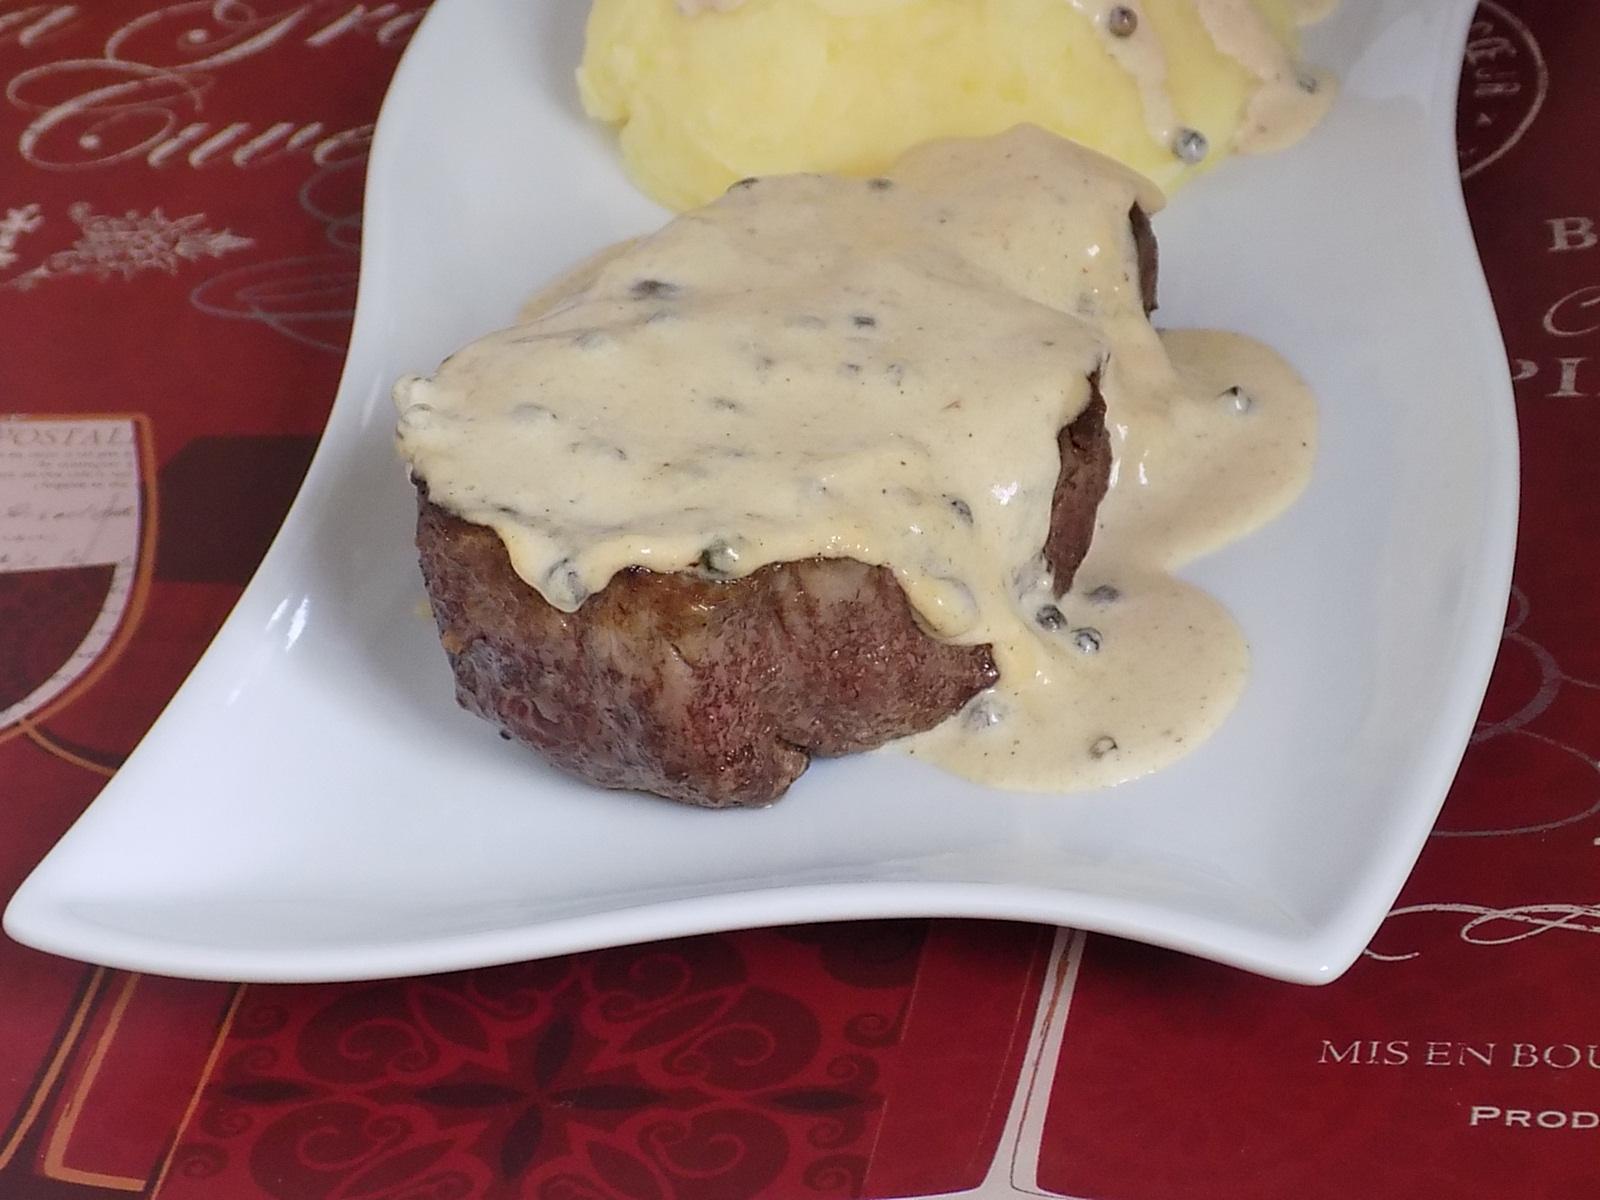 French Filet Mignon au Poivre